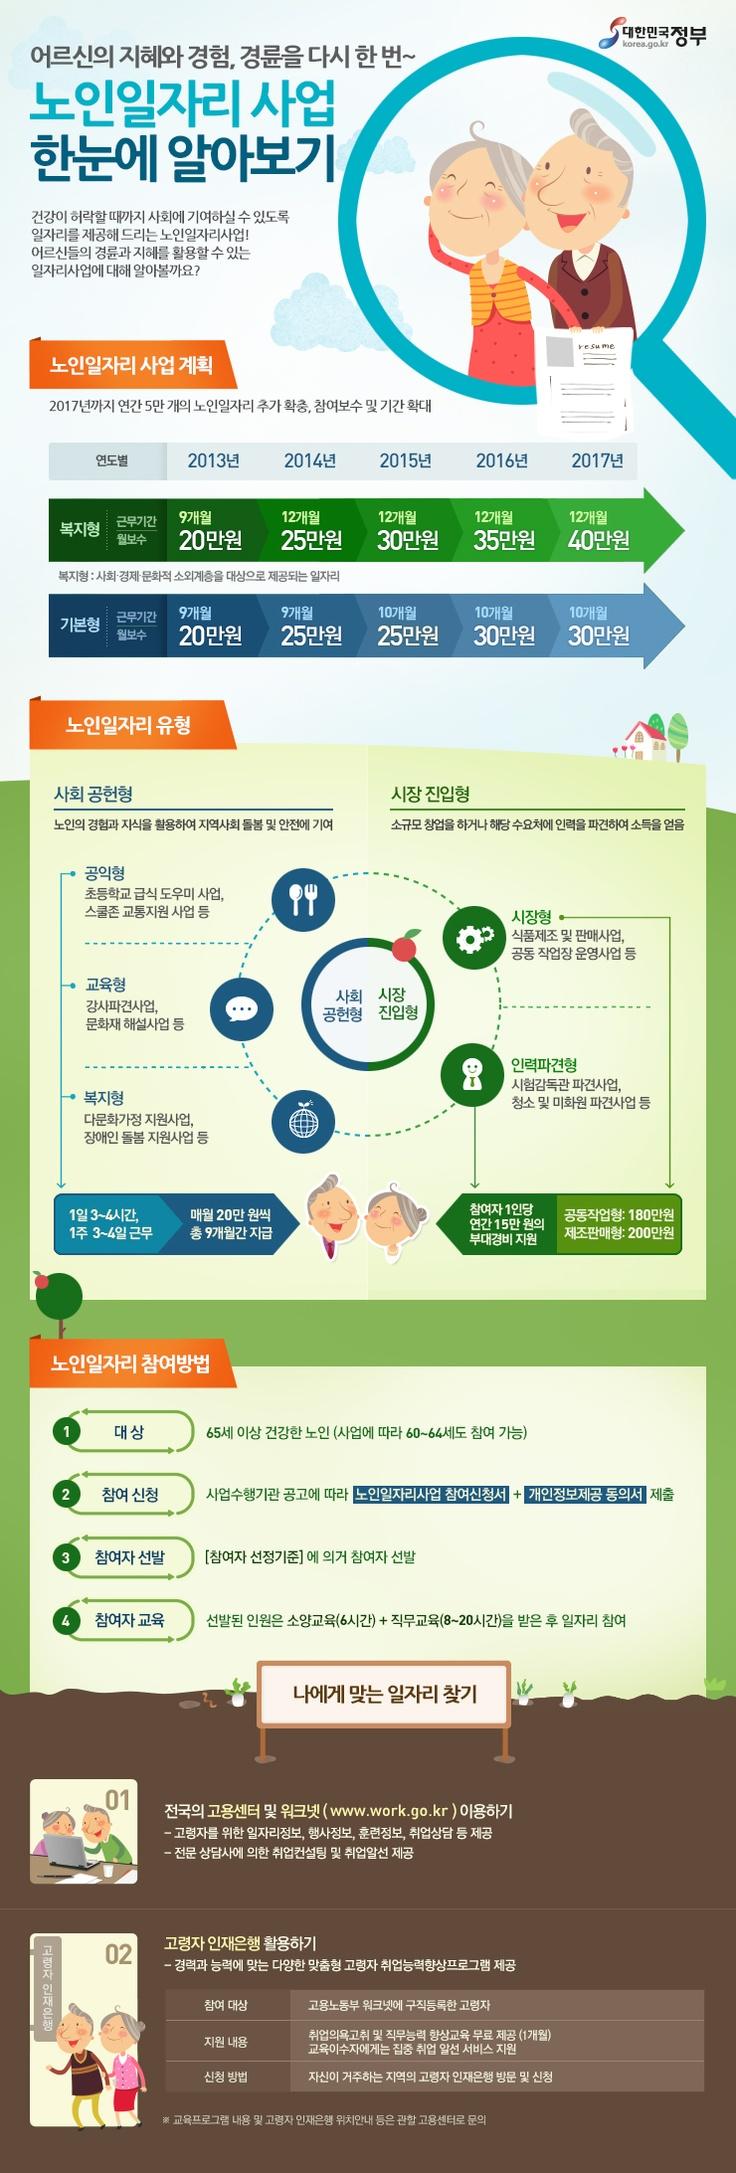 노인일자리 사업 한눈에 알아보기(자료출처: 보건복지부, 제작:대한민국 정부포털 www.korea.go.kr)